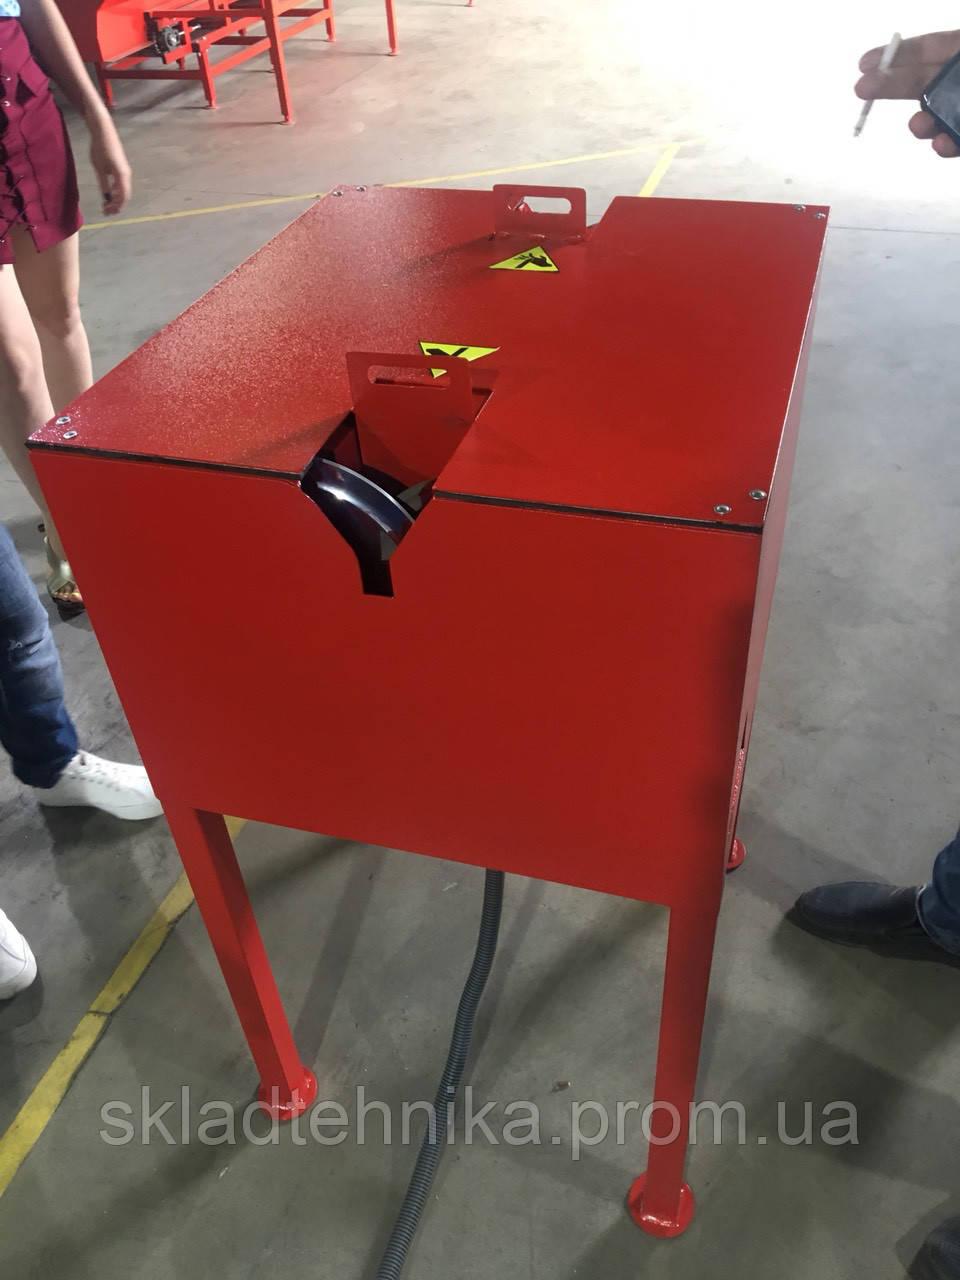 Оборудование для обрезки чеснока/обрізання часнику/переробка часнику